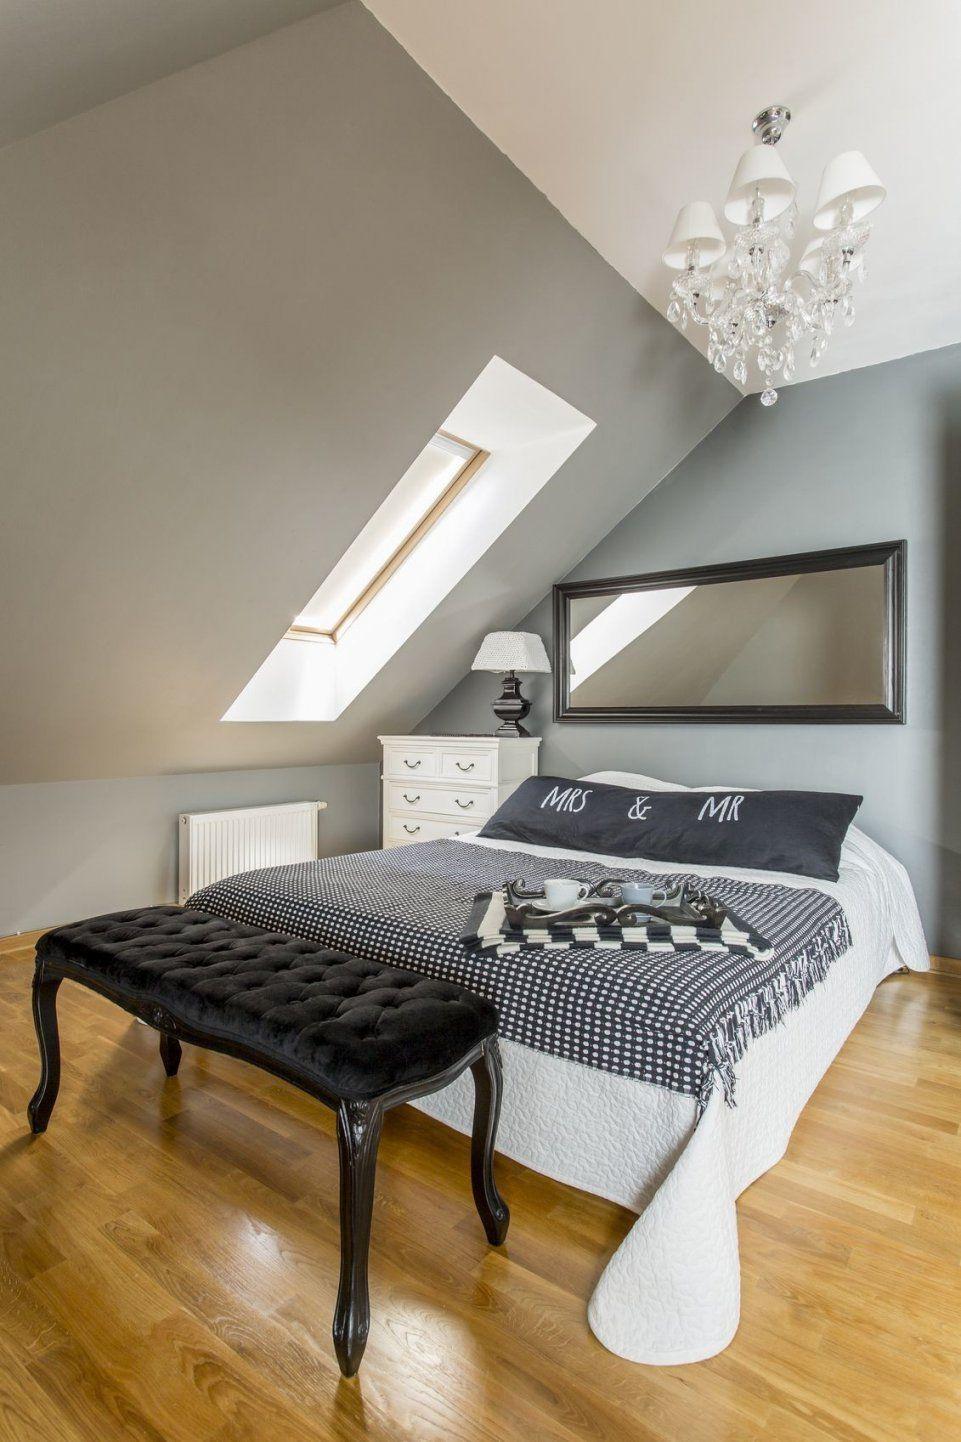 Schlafzimmer Mit Dachschräge Gestalten Dachschräge Farblich von Schlafzimmer Mit Dachschräge Farblich Gestalten Photo